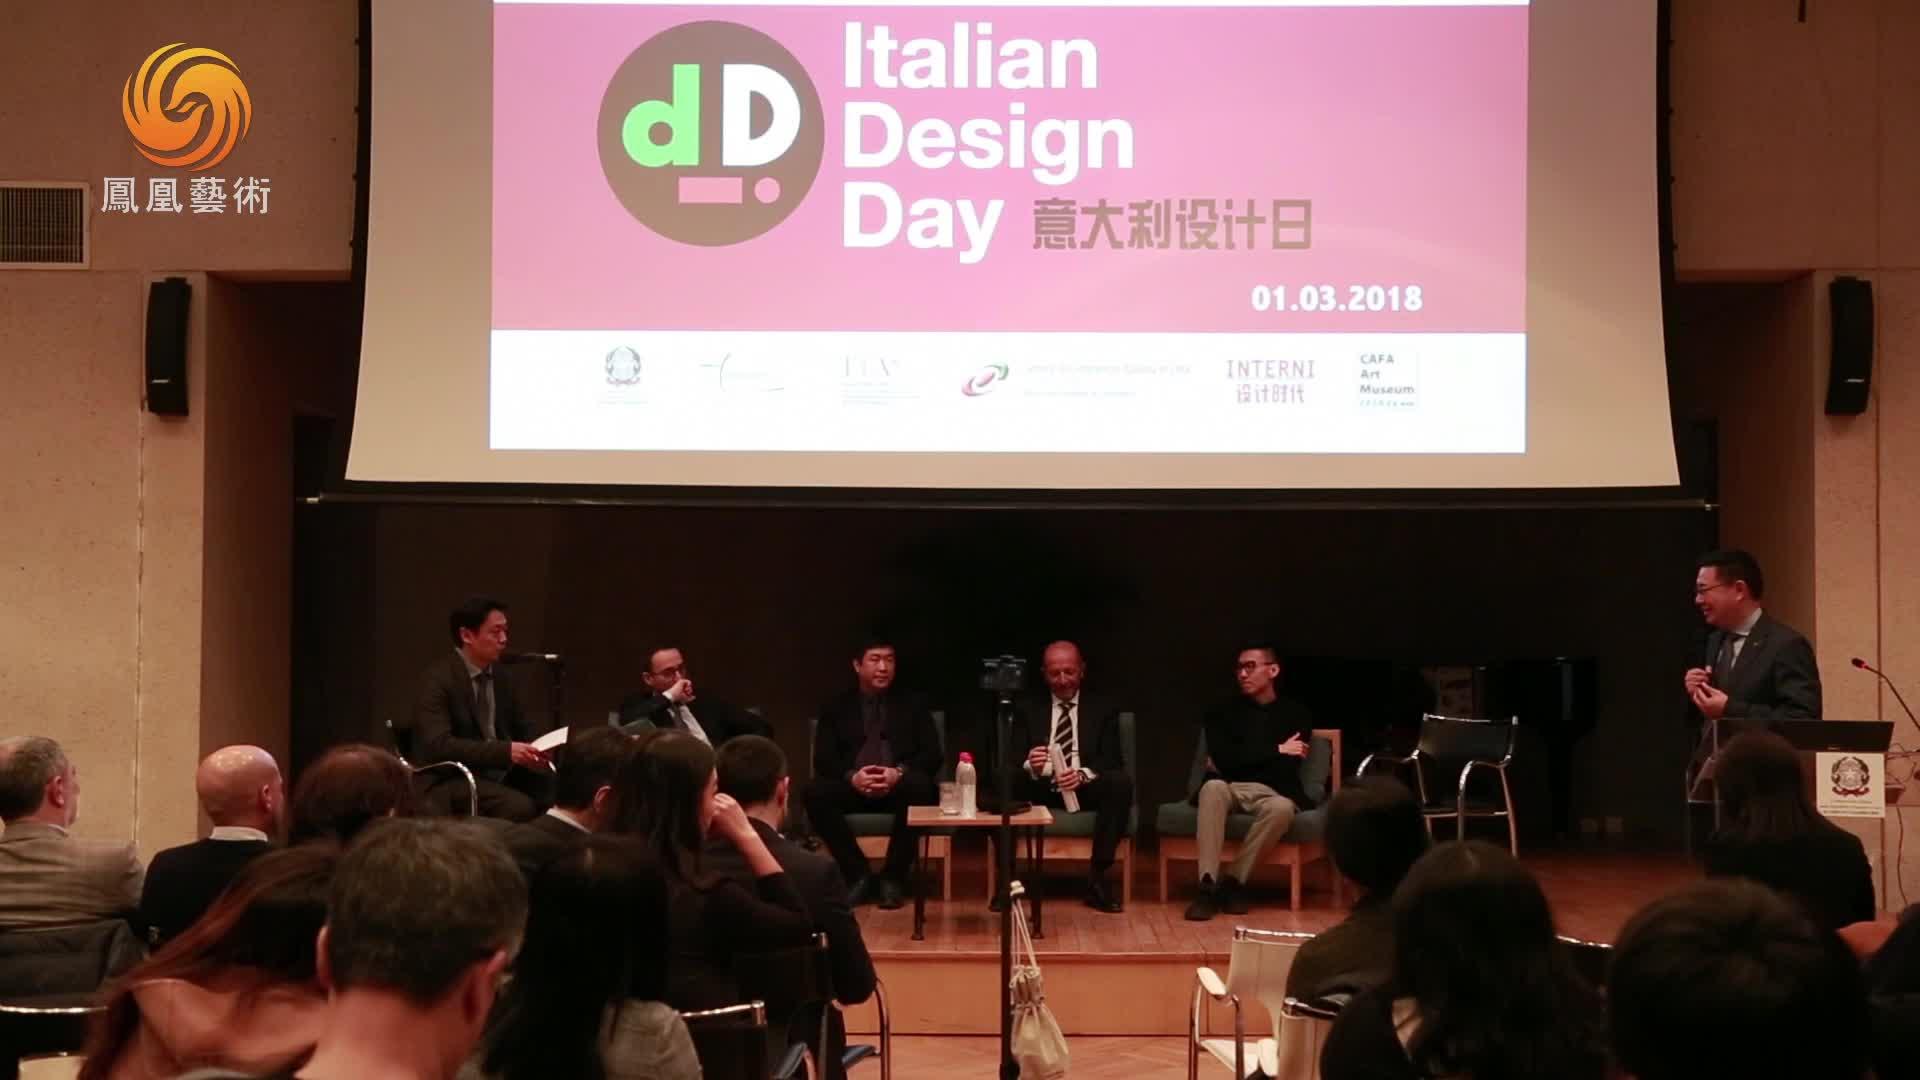 凭什么意大利是设计强国?去设计日讨个说法